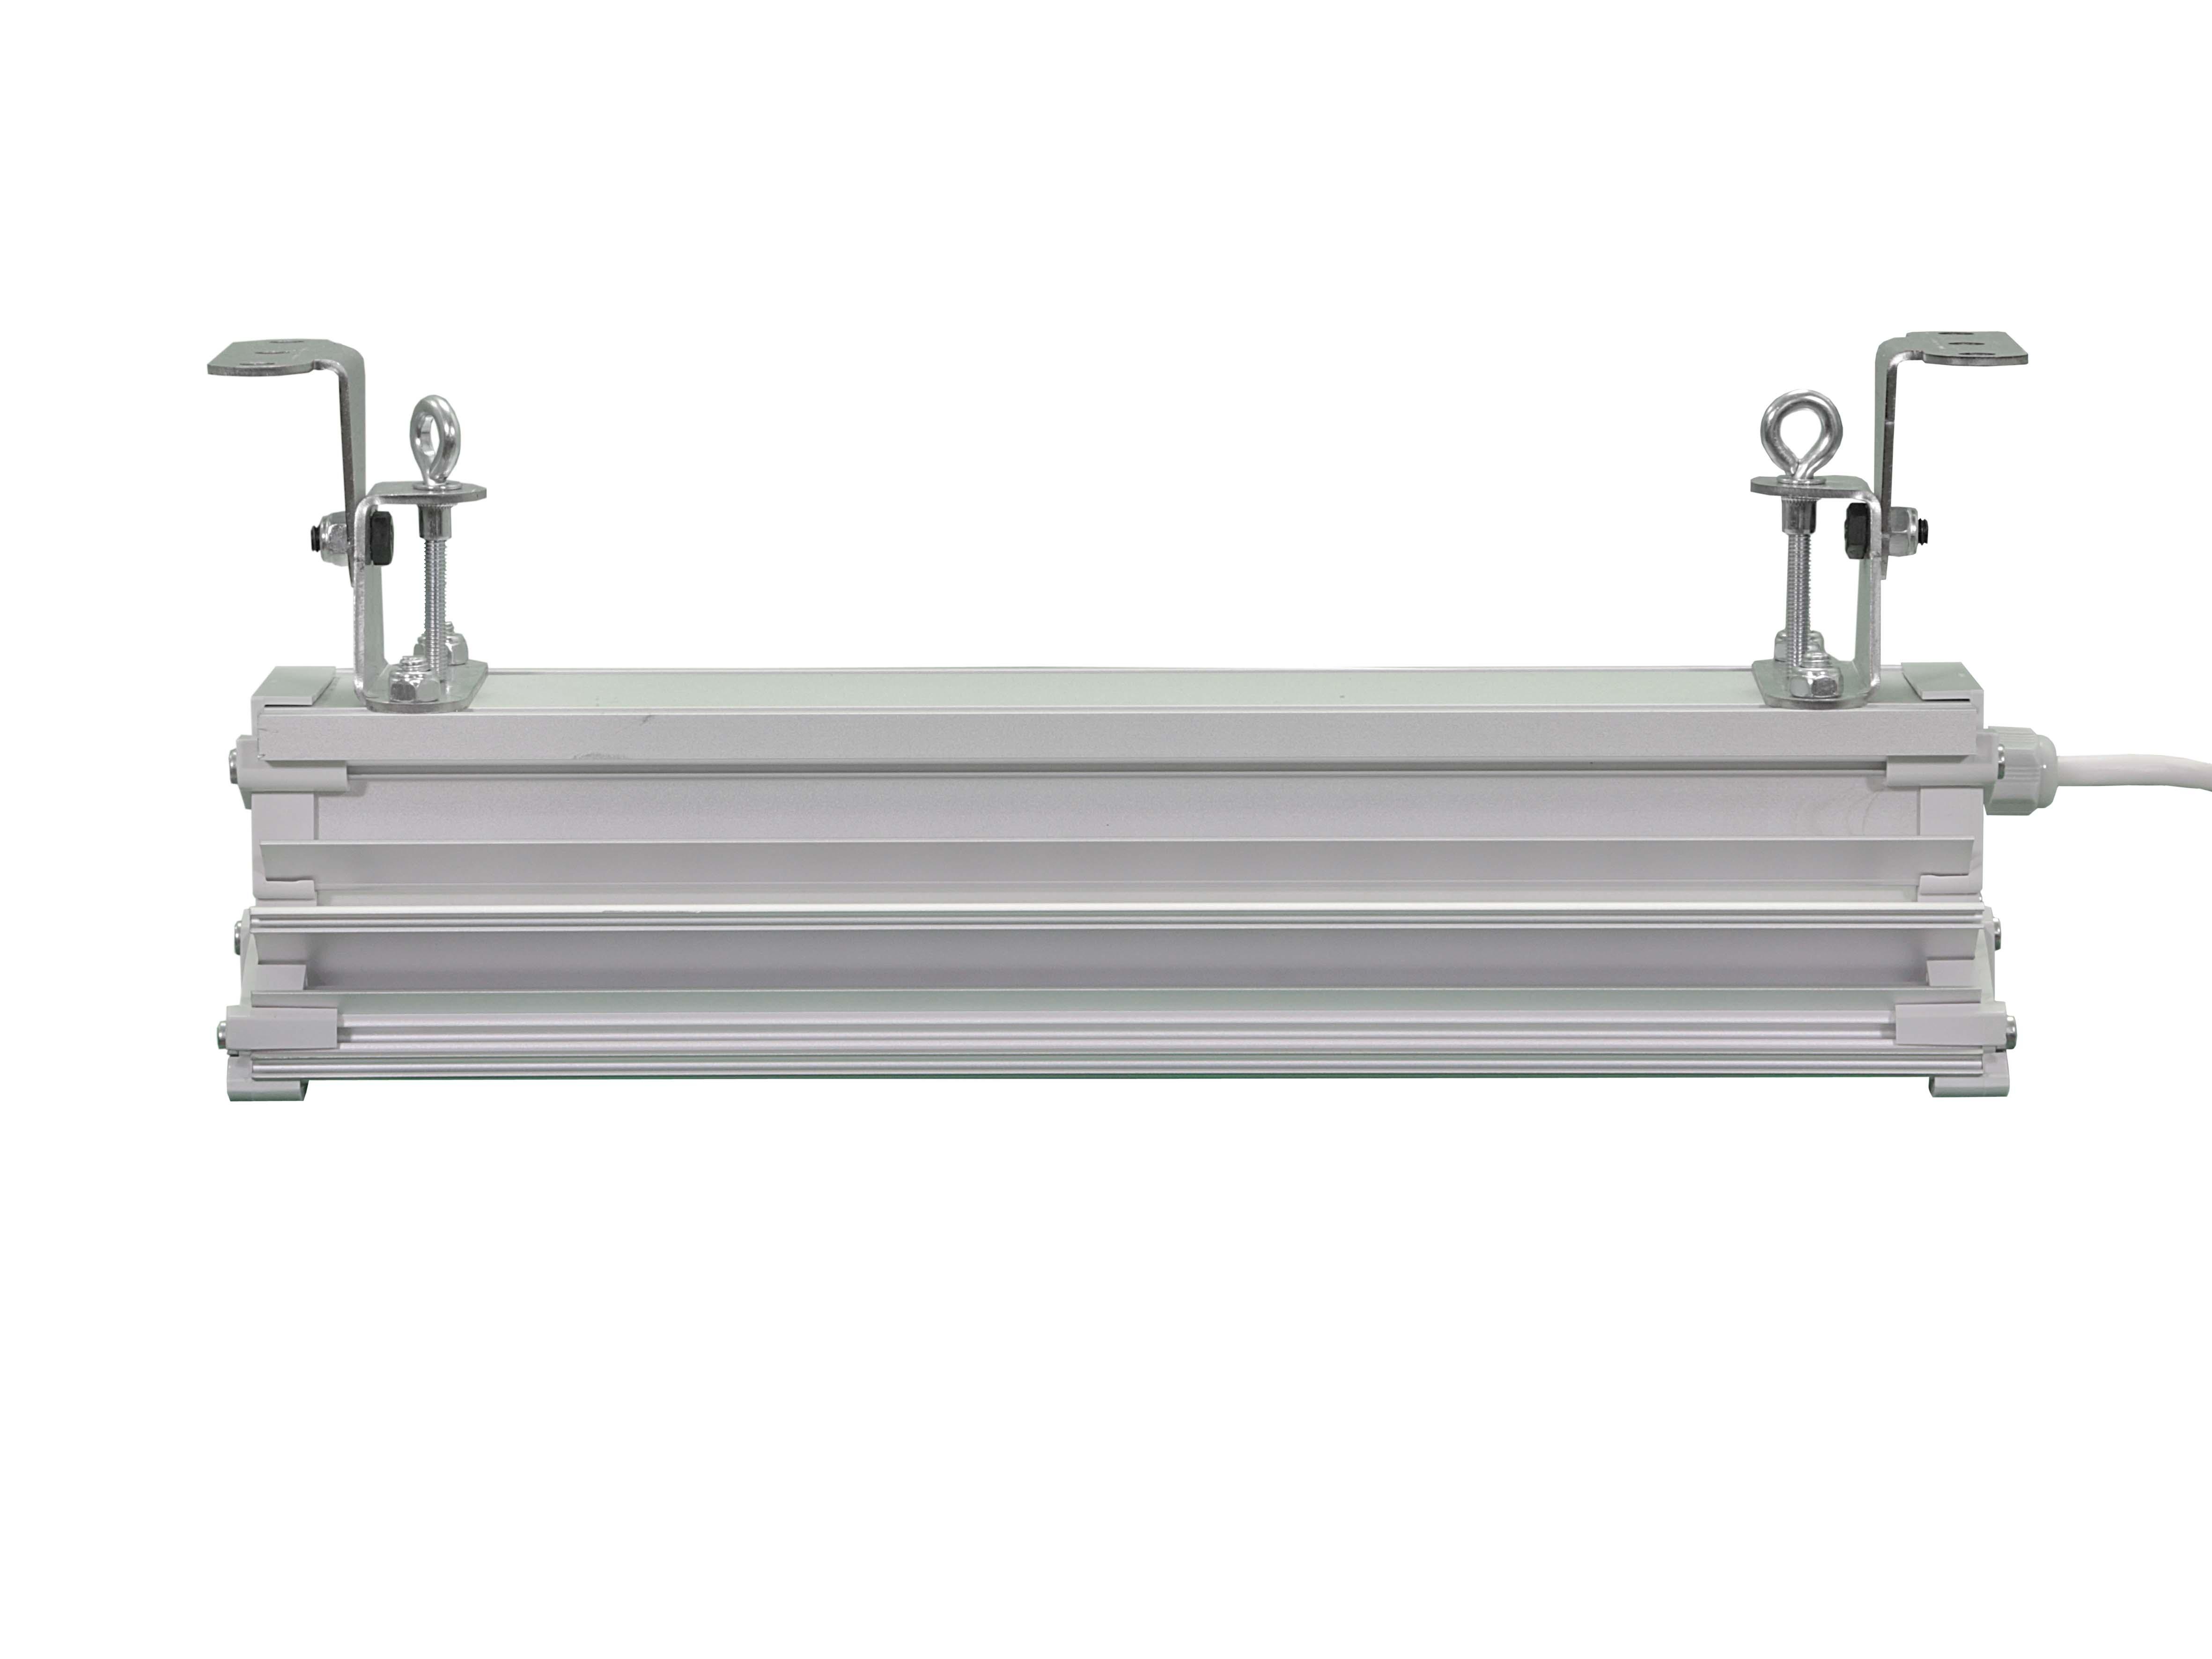 Промышленный светодиодный светильник ДСП-Алюм-27 Премиум 27Вт 2734Лм